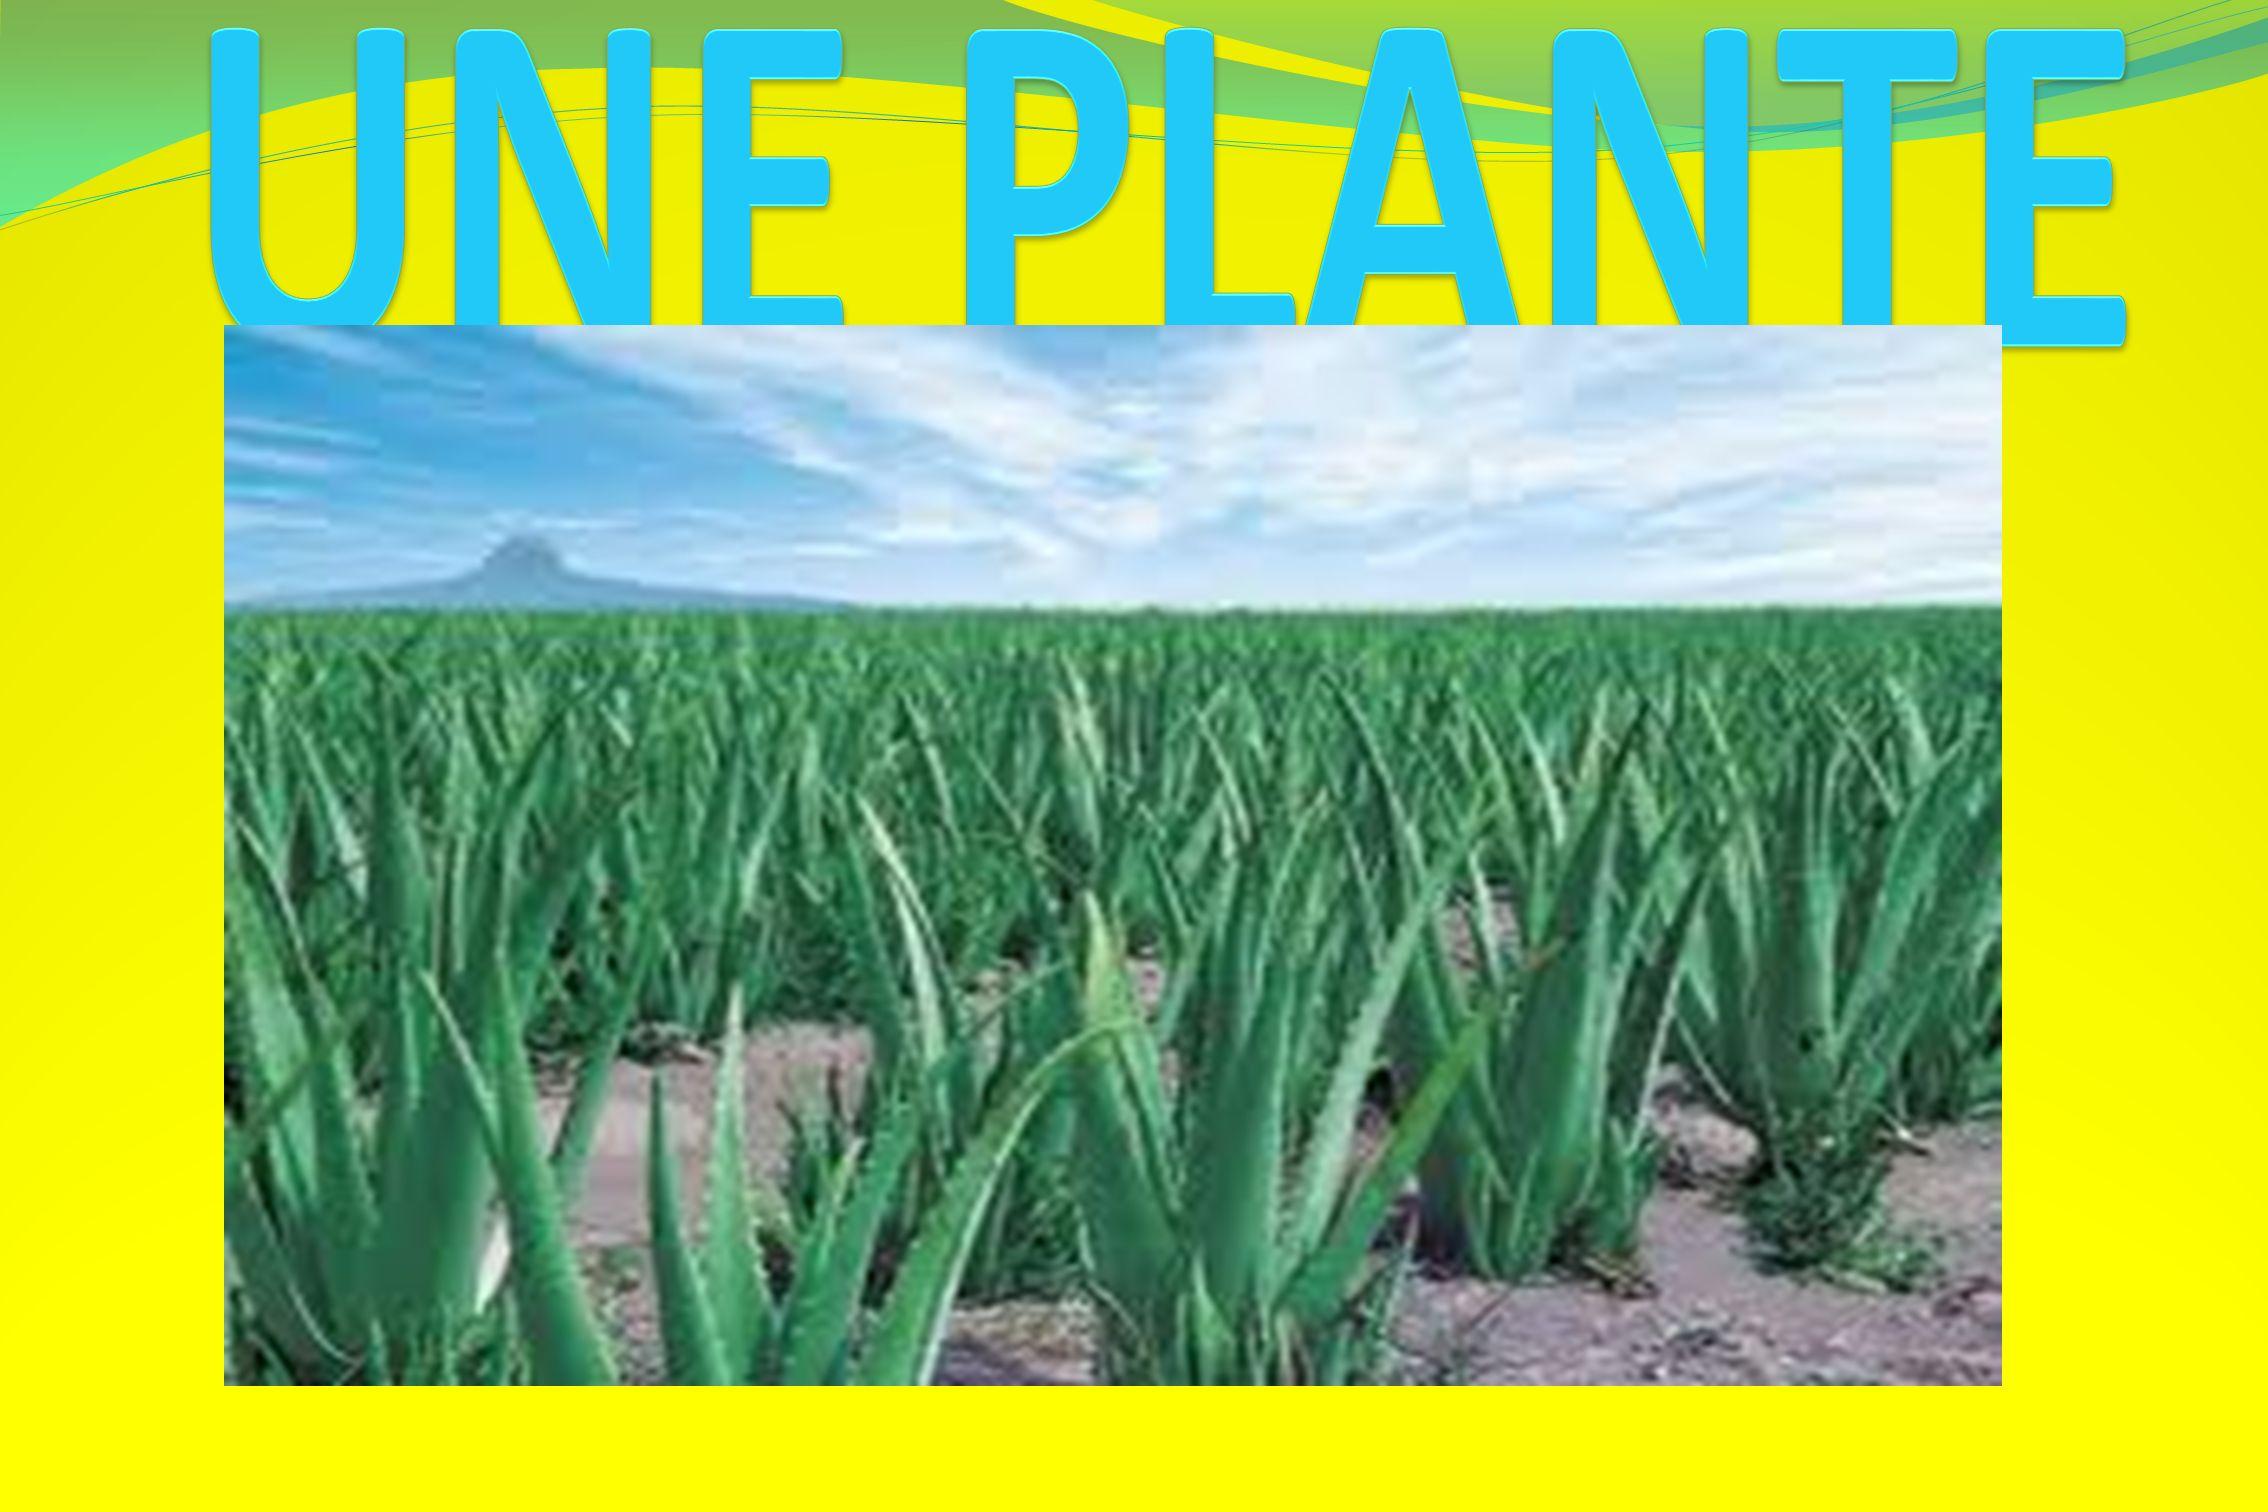 MULTI-MACA COMPOSITION : La valeur nutritive d une racine s é ch é e de Maca (similaire aux graines c é r é aliaires telles que le riz et le bl é ) contient : 60 % de carboxylase, 10 % de prot é ines, 8,5 % de fibres, 2,2 % de lipides FORME ET PRESENTATION : Comprim é s bo î te de 60 CONSEILLE POUR : Accro î tre les performances physiques et sexuelles Stimuler la libido, l é nergie et la puissance sexuelle.